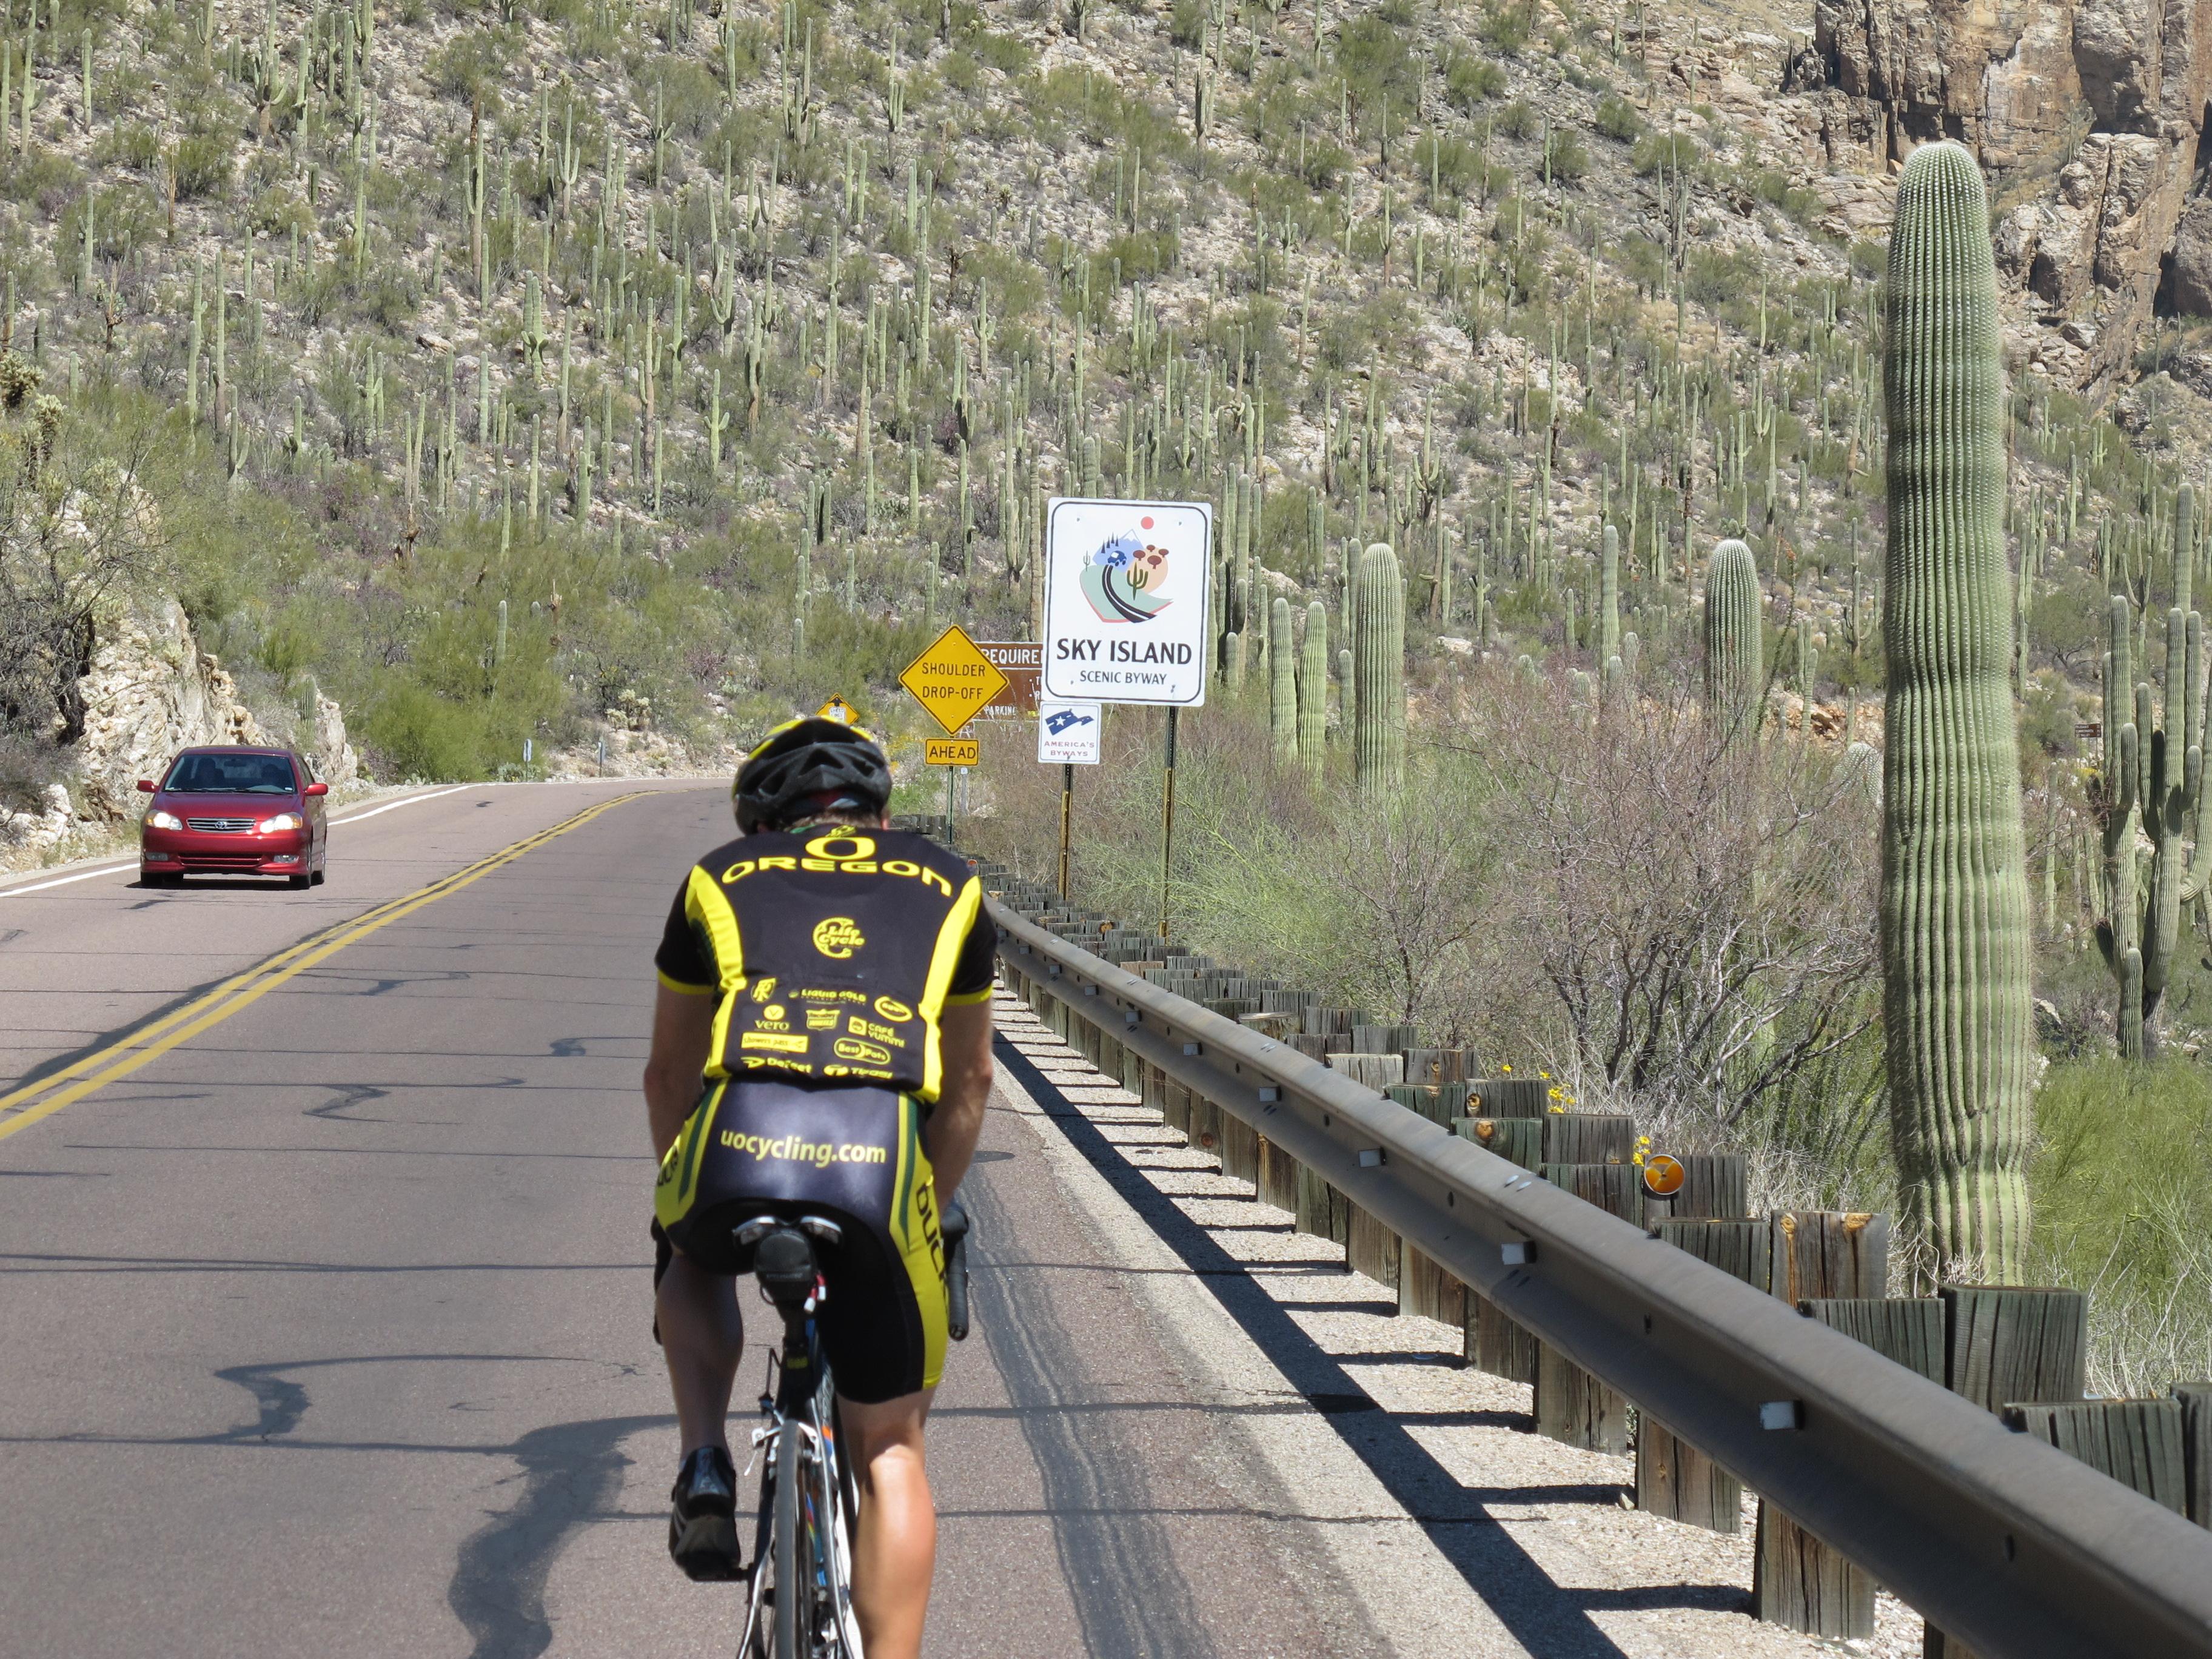 Arizona Bike Tour, Sky Island Scenic Byway